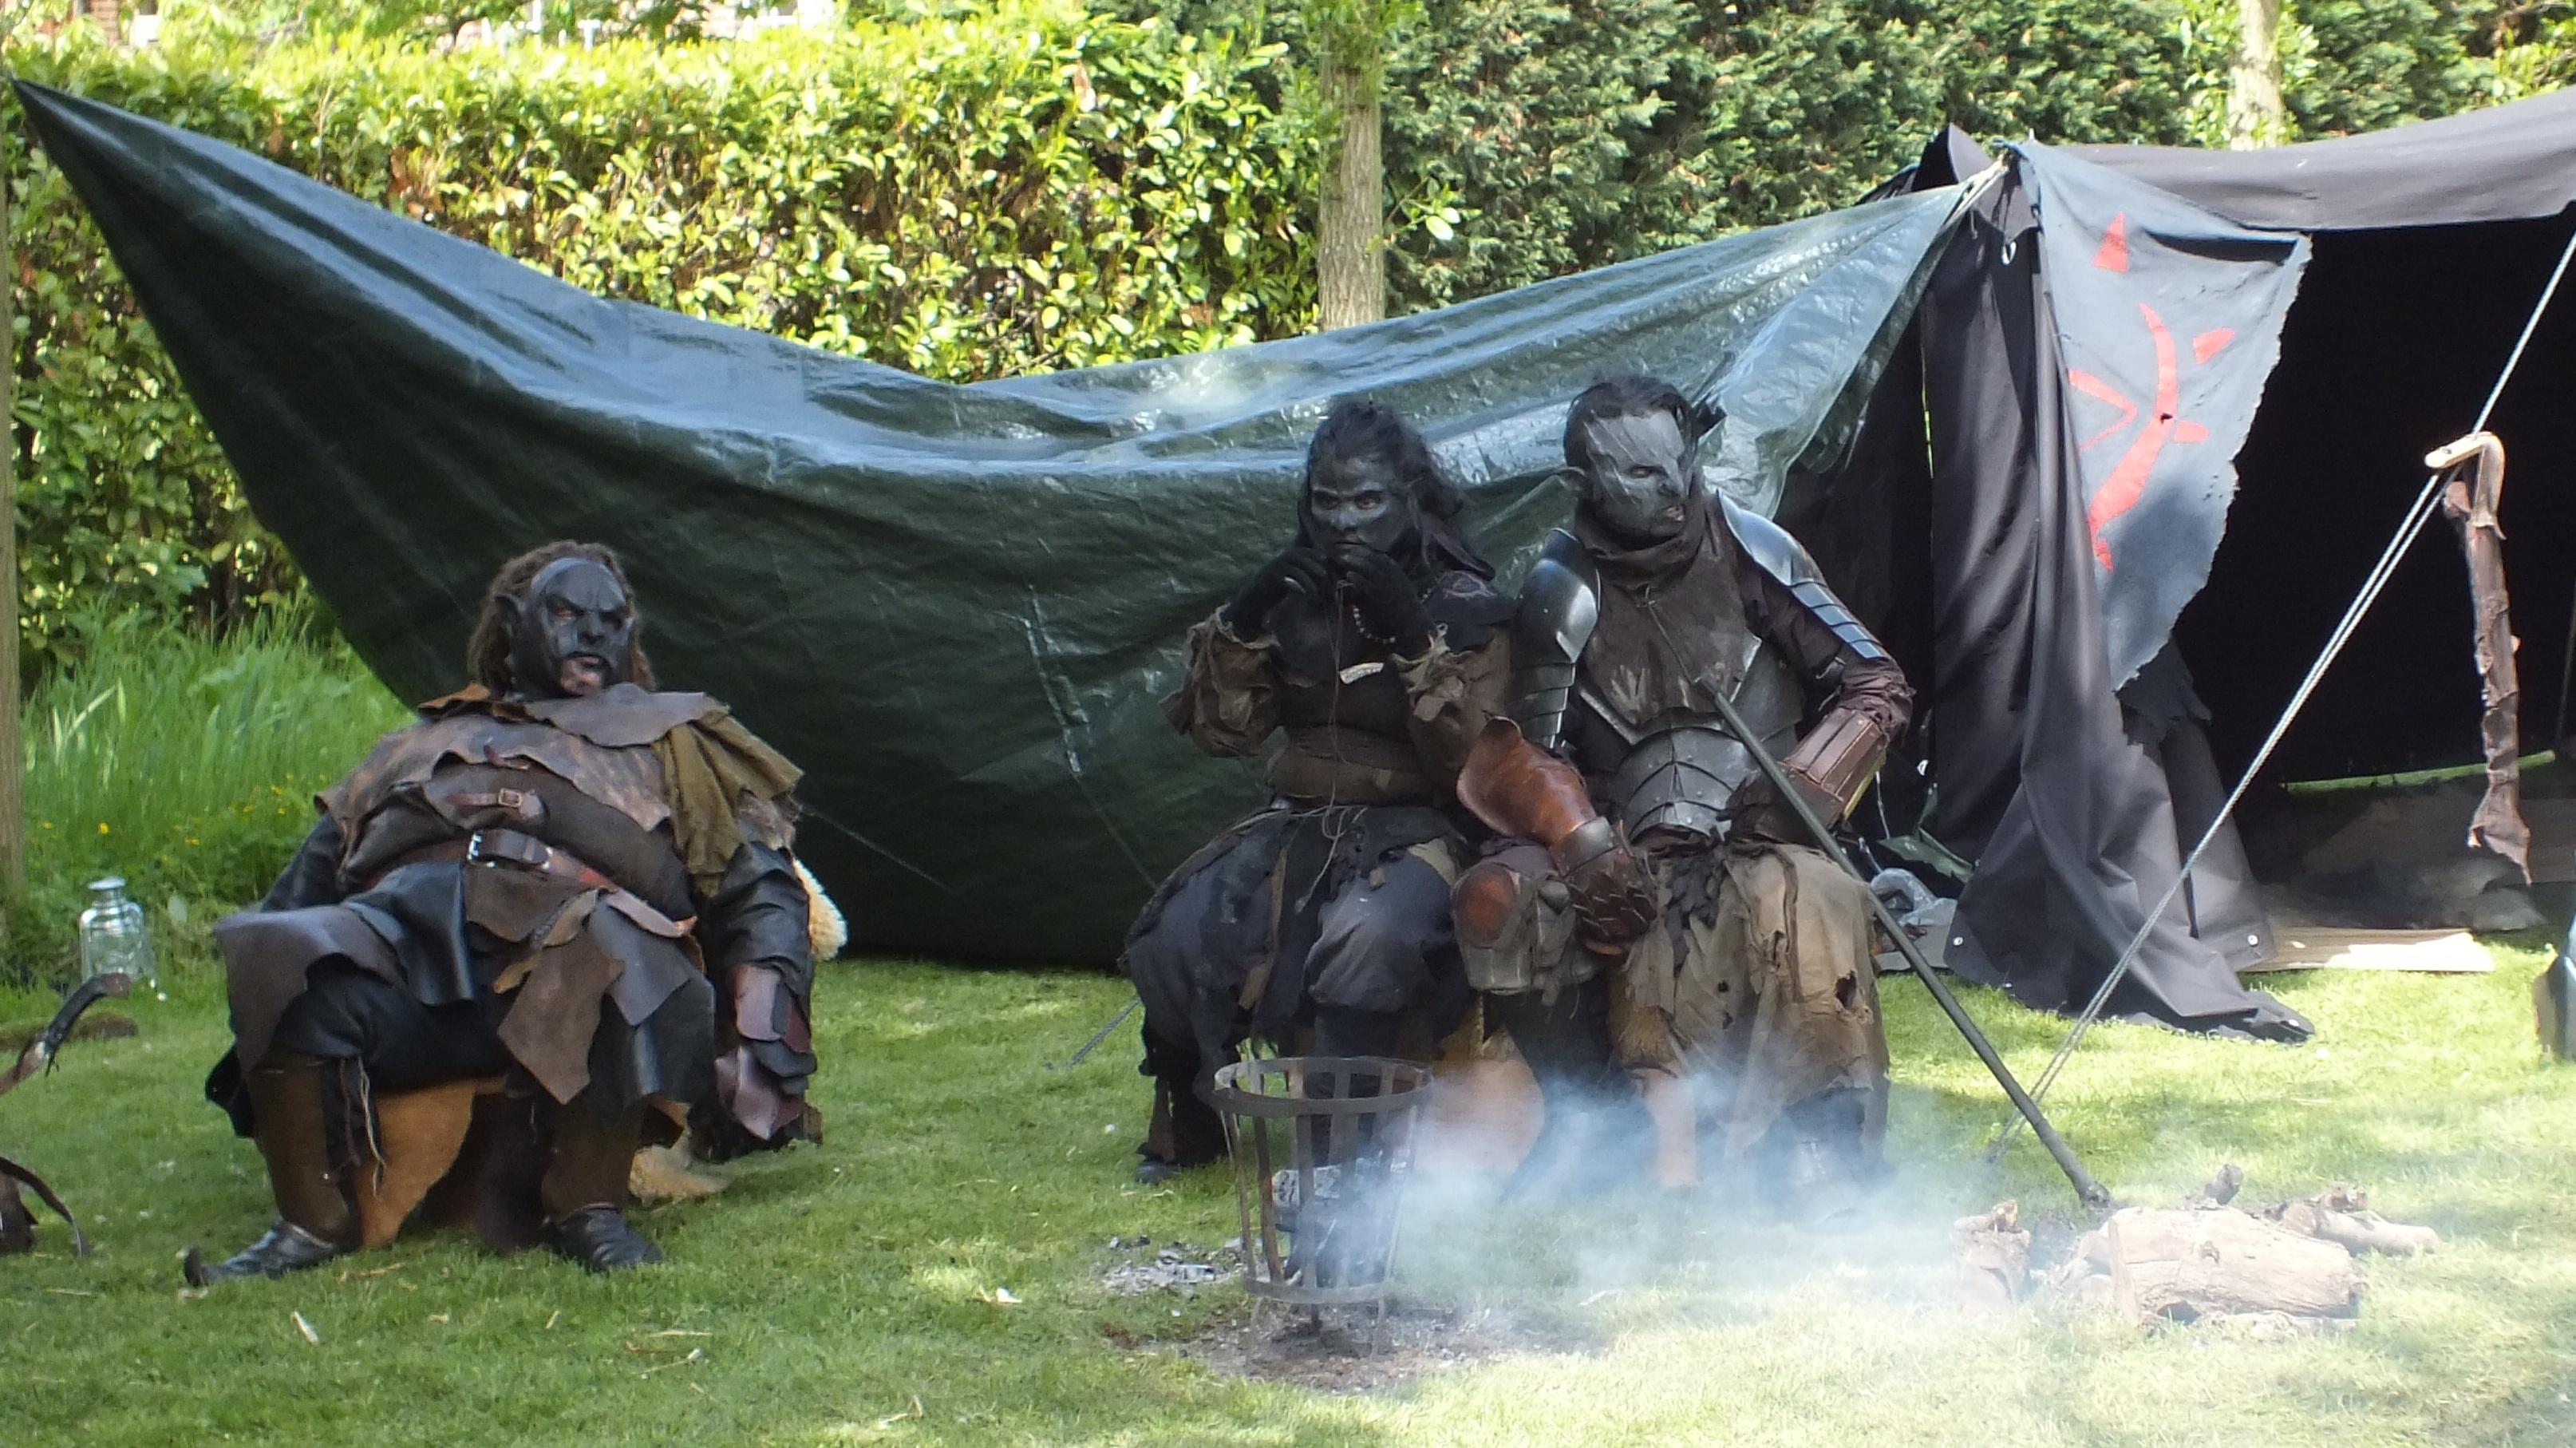 Dem orcs be chillin'!